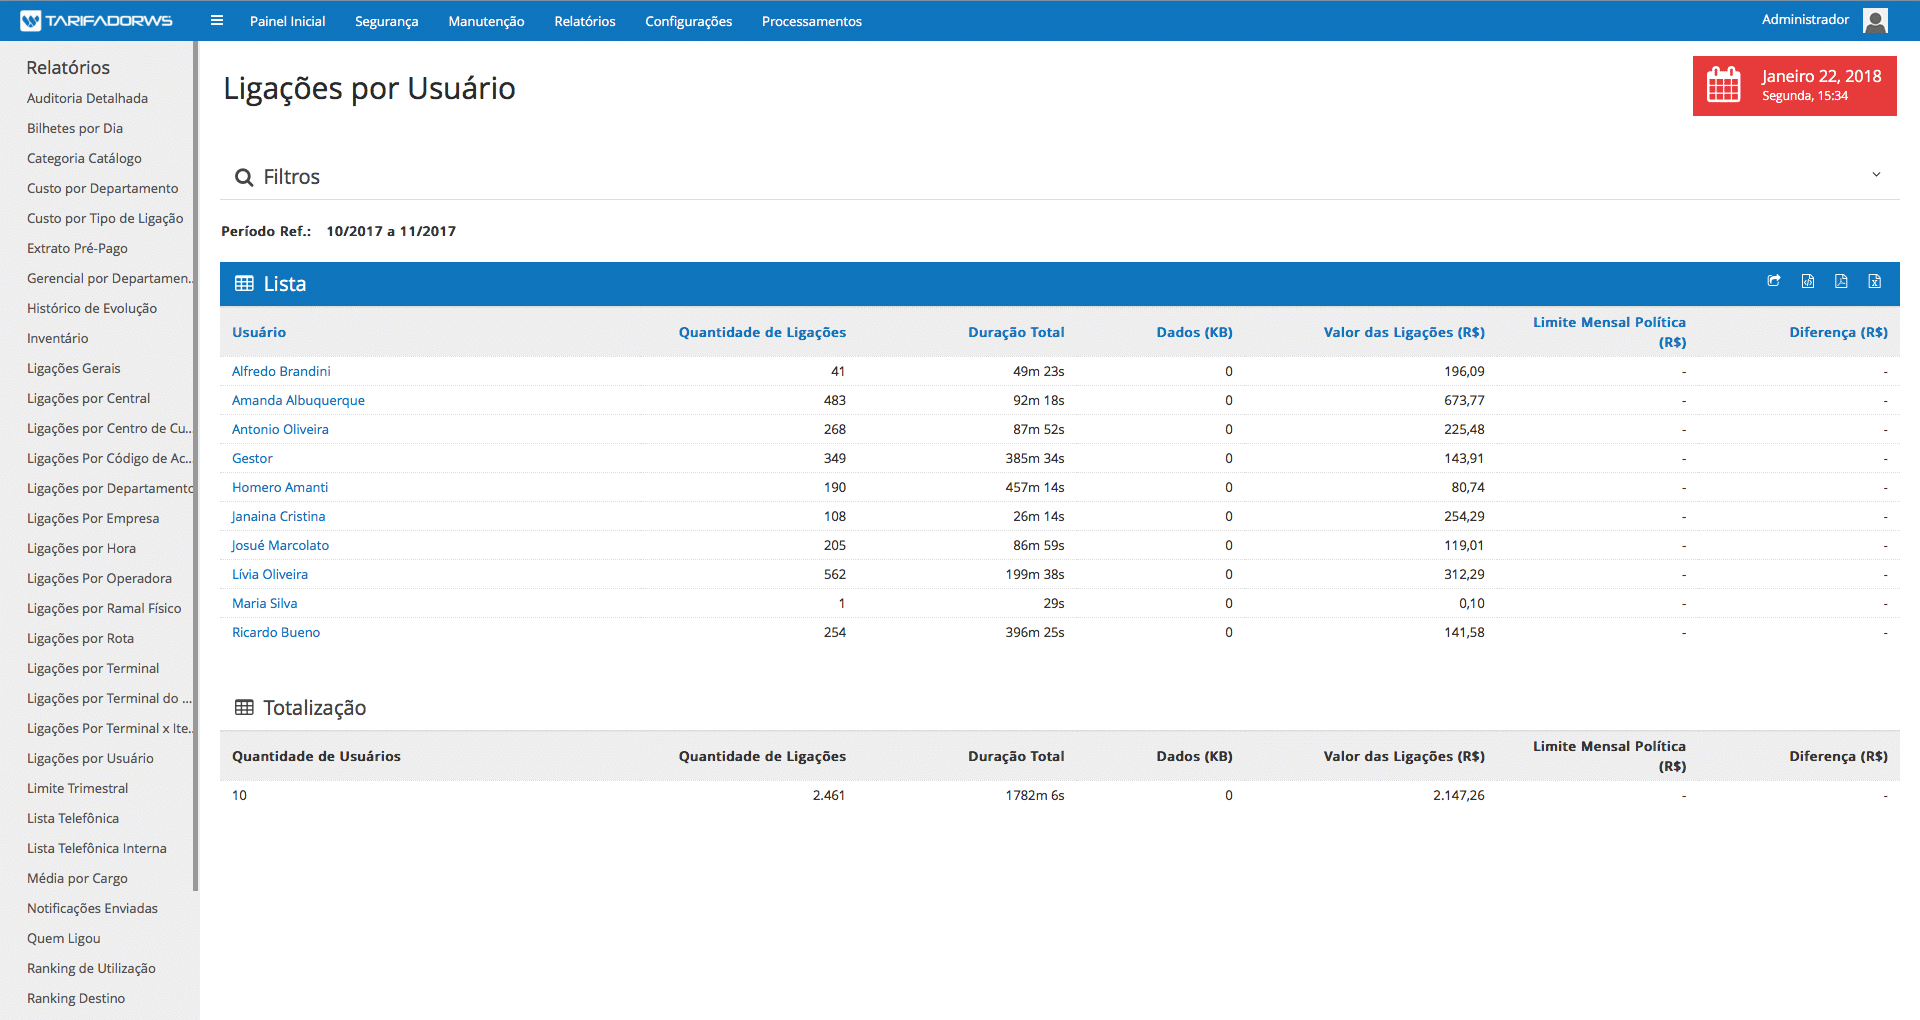 Relatório por Usuário